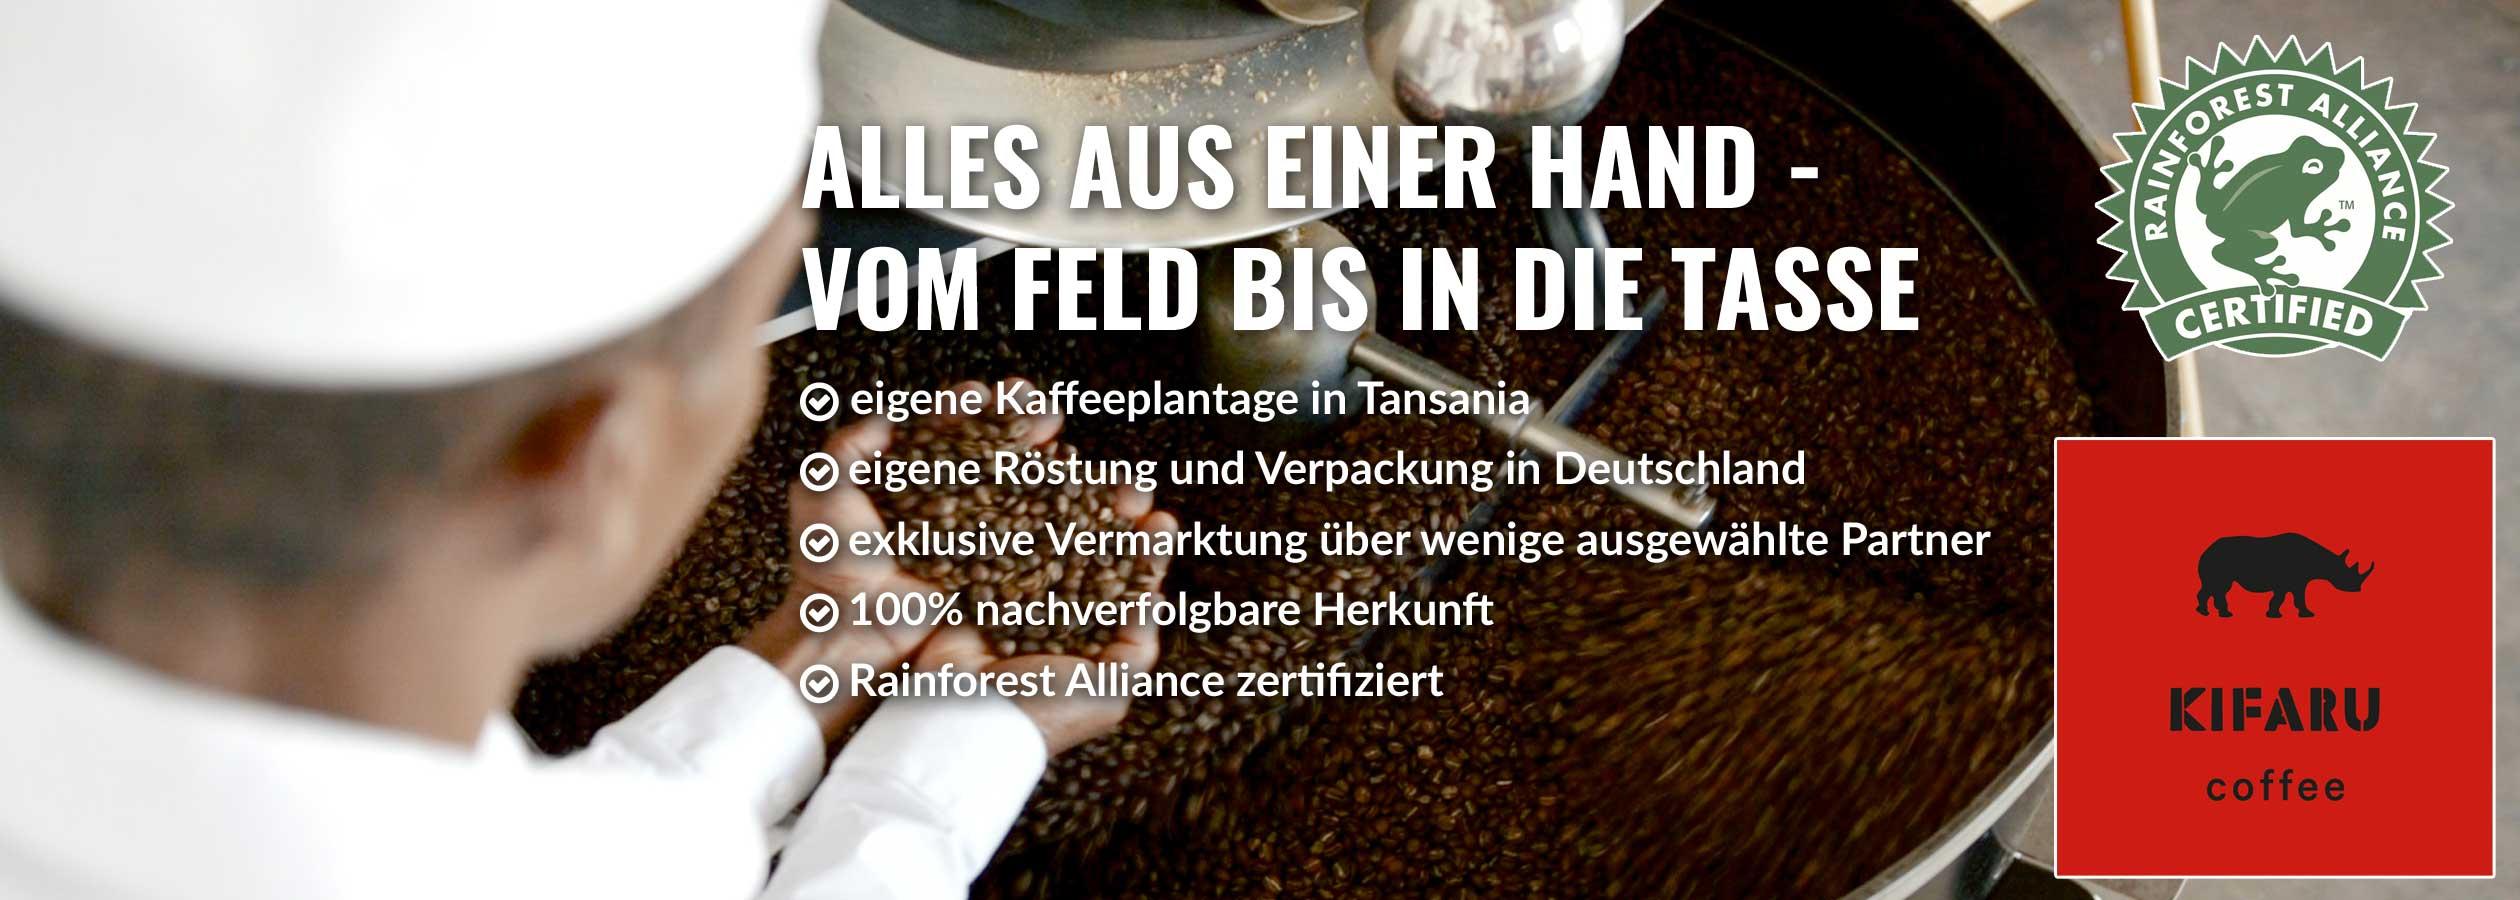 Kifaru-Coffee-alles-aus-einer-hand